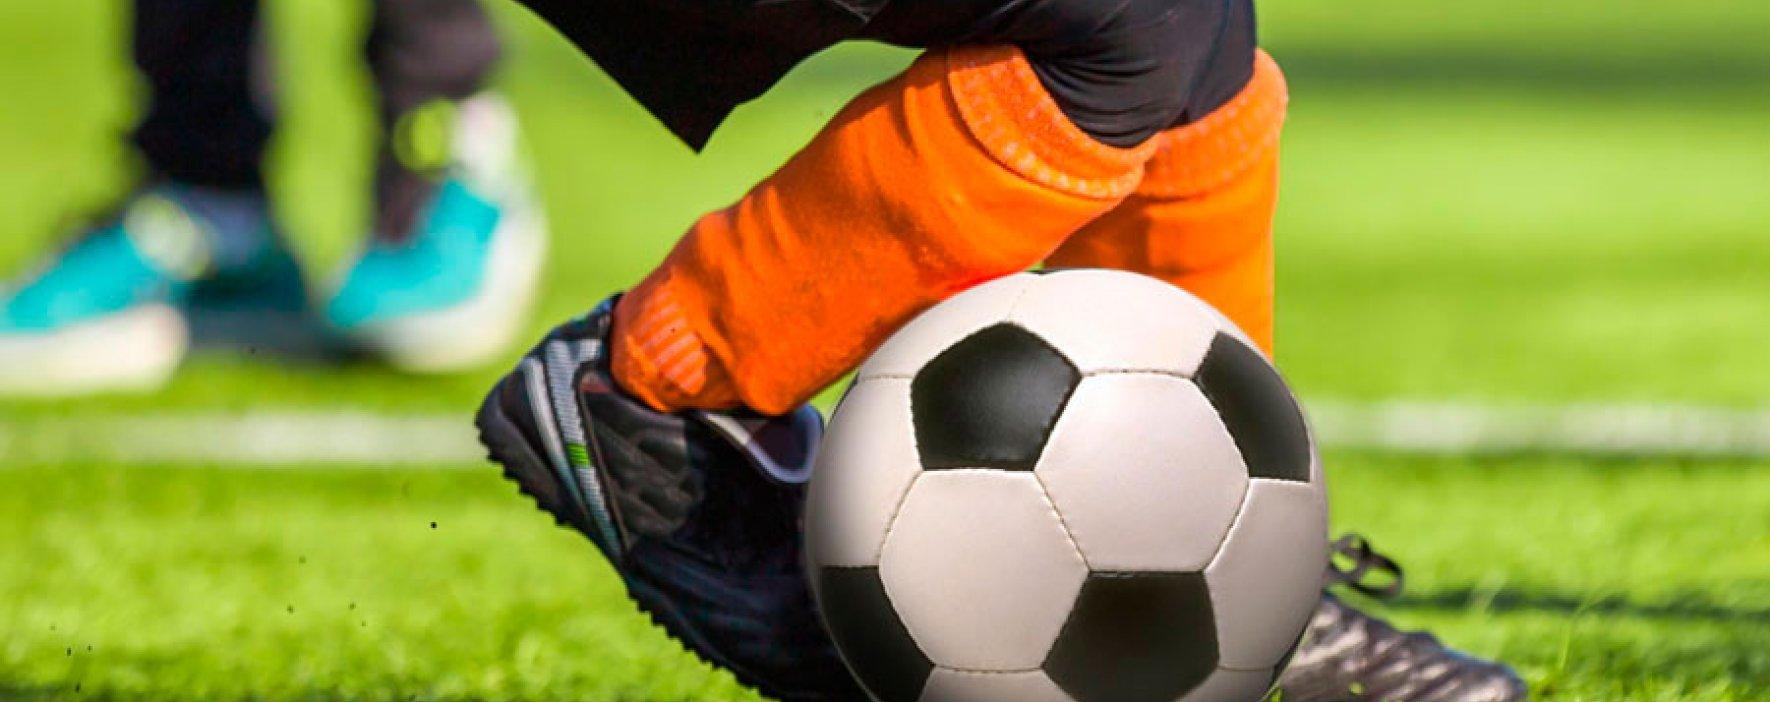 Compartir Jugando nominado a los premios Beyond Sport